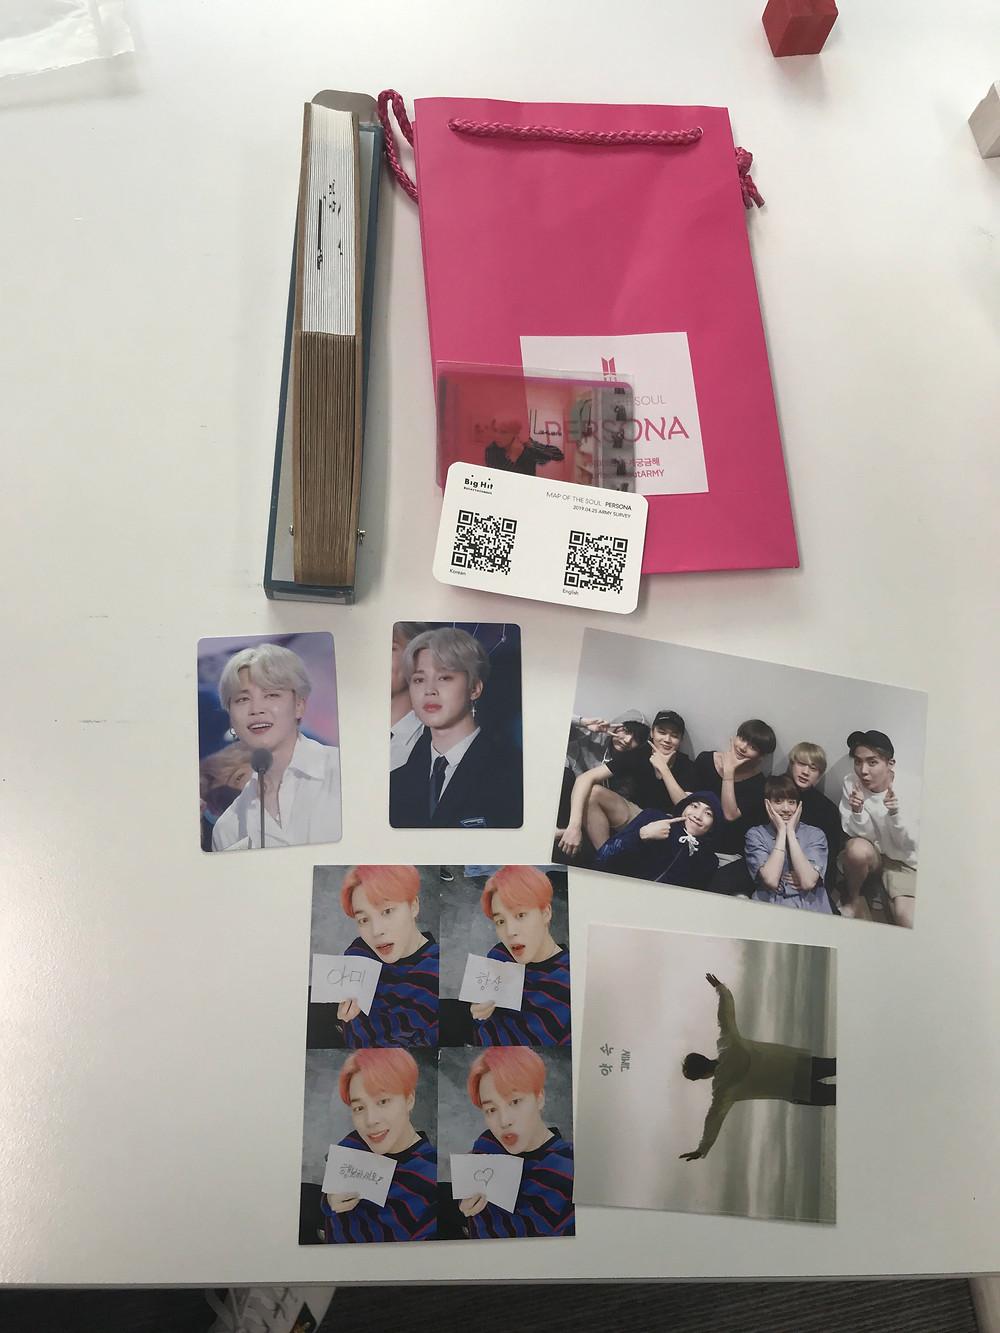 bts persona album merchandise in korea